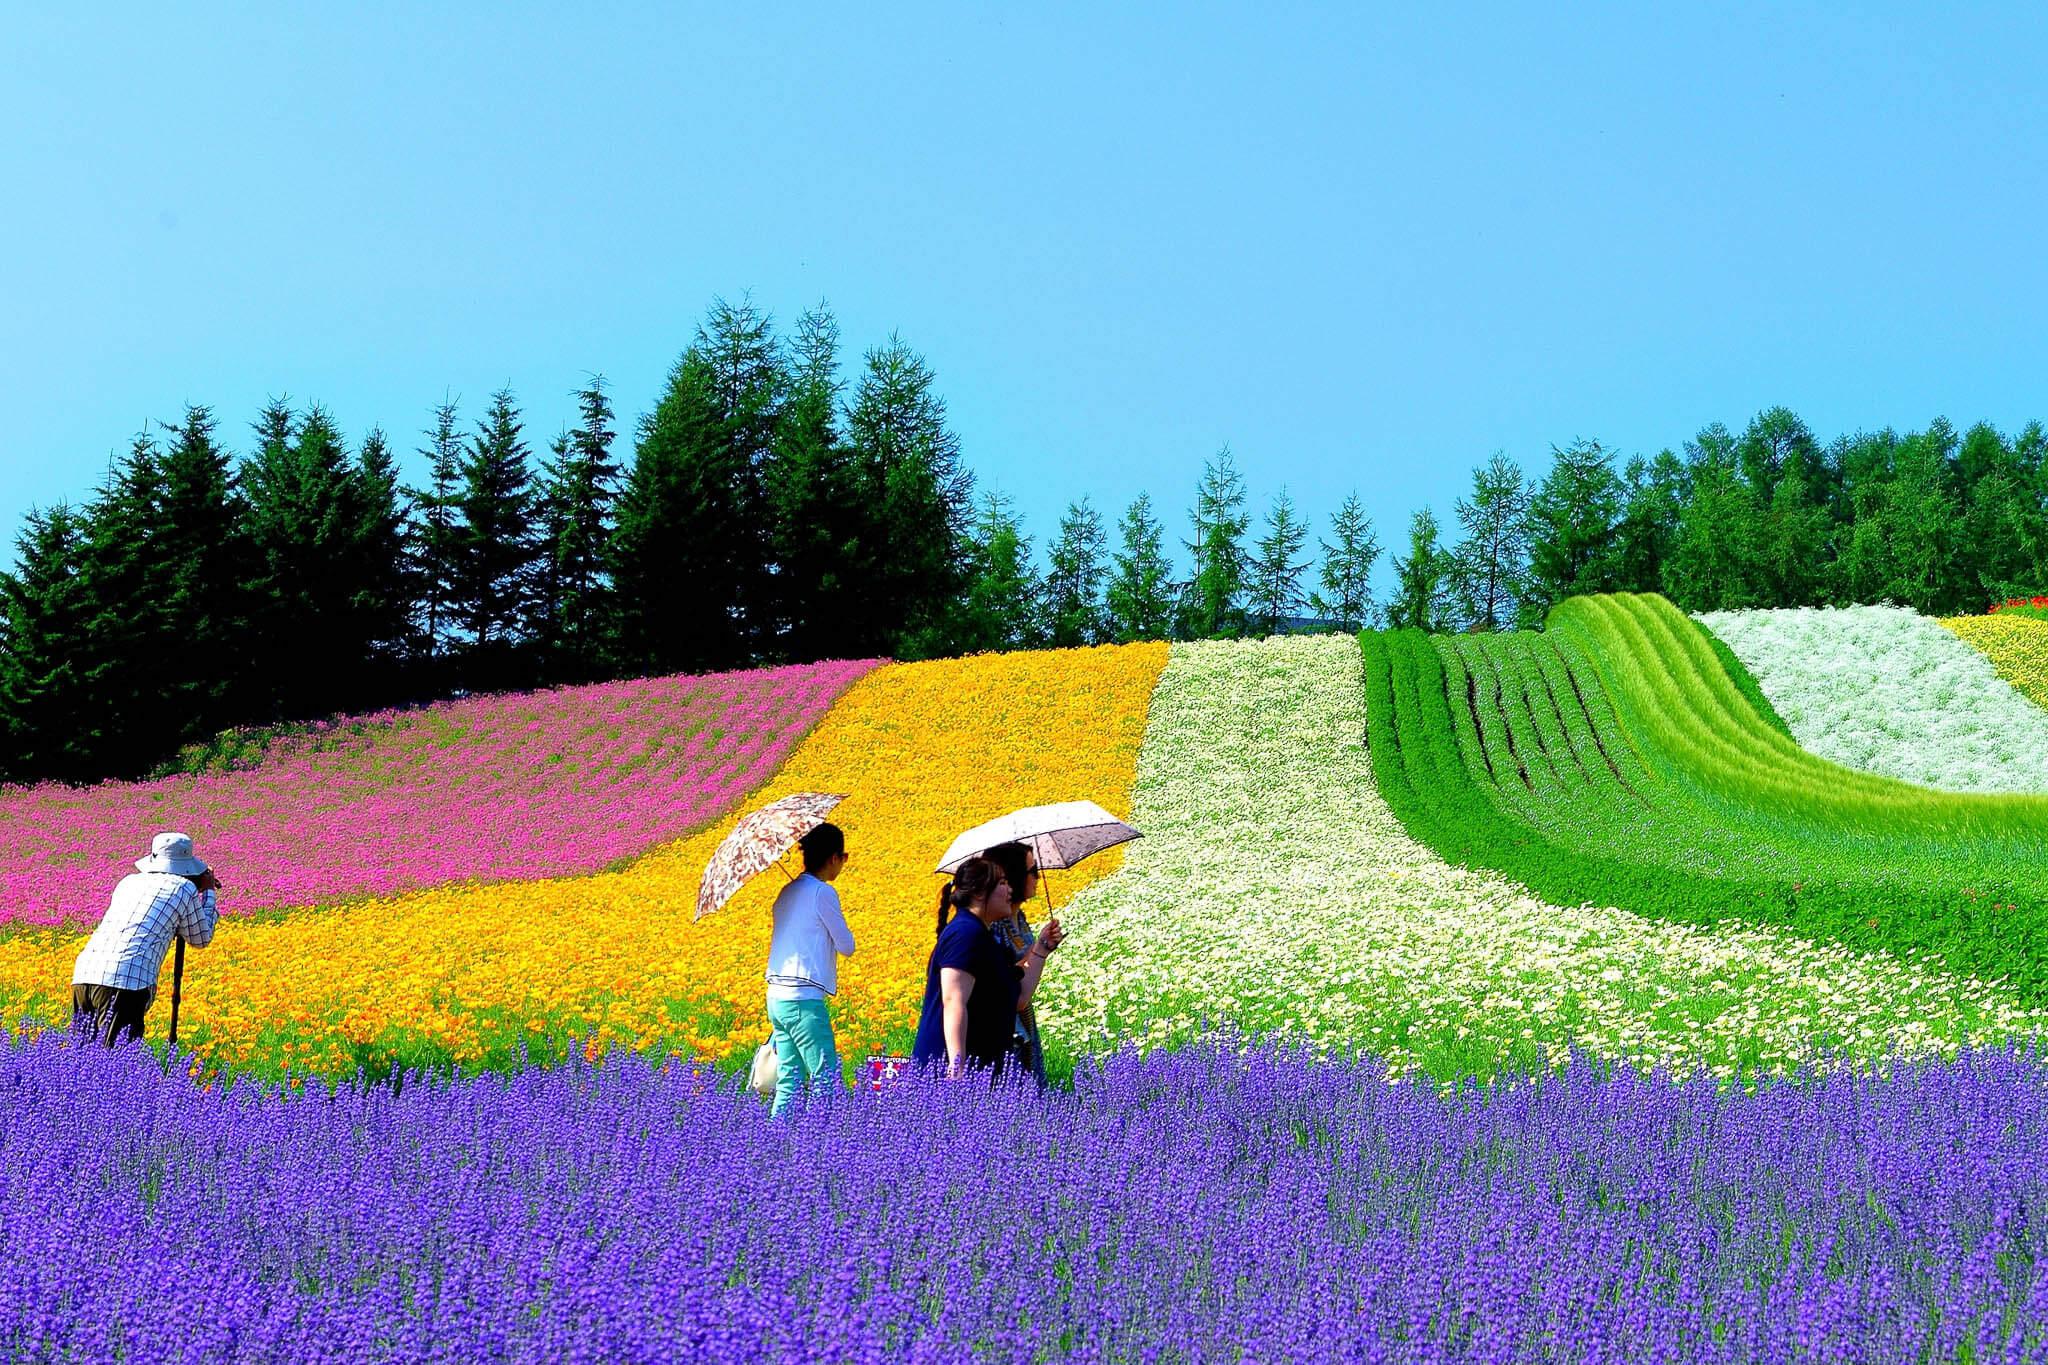 夏季賞薰衣草的定番景點:富田農場